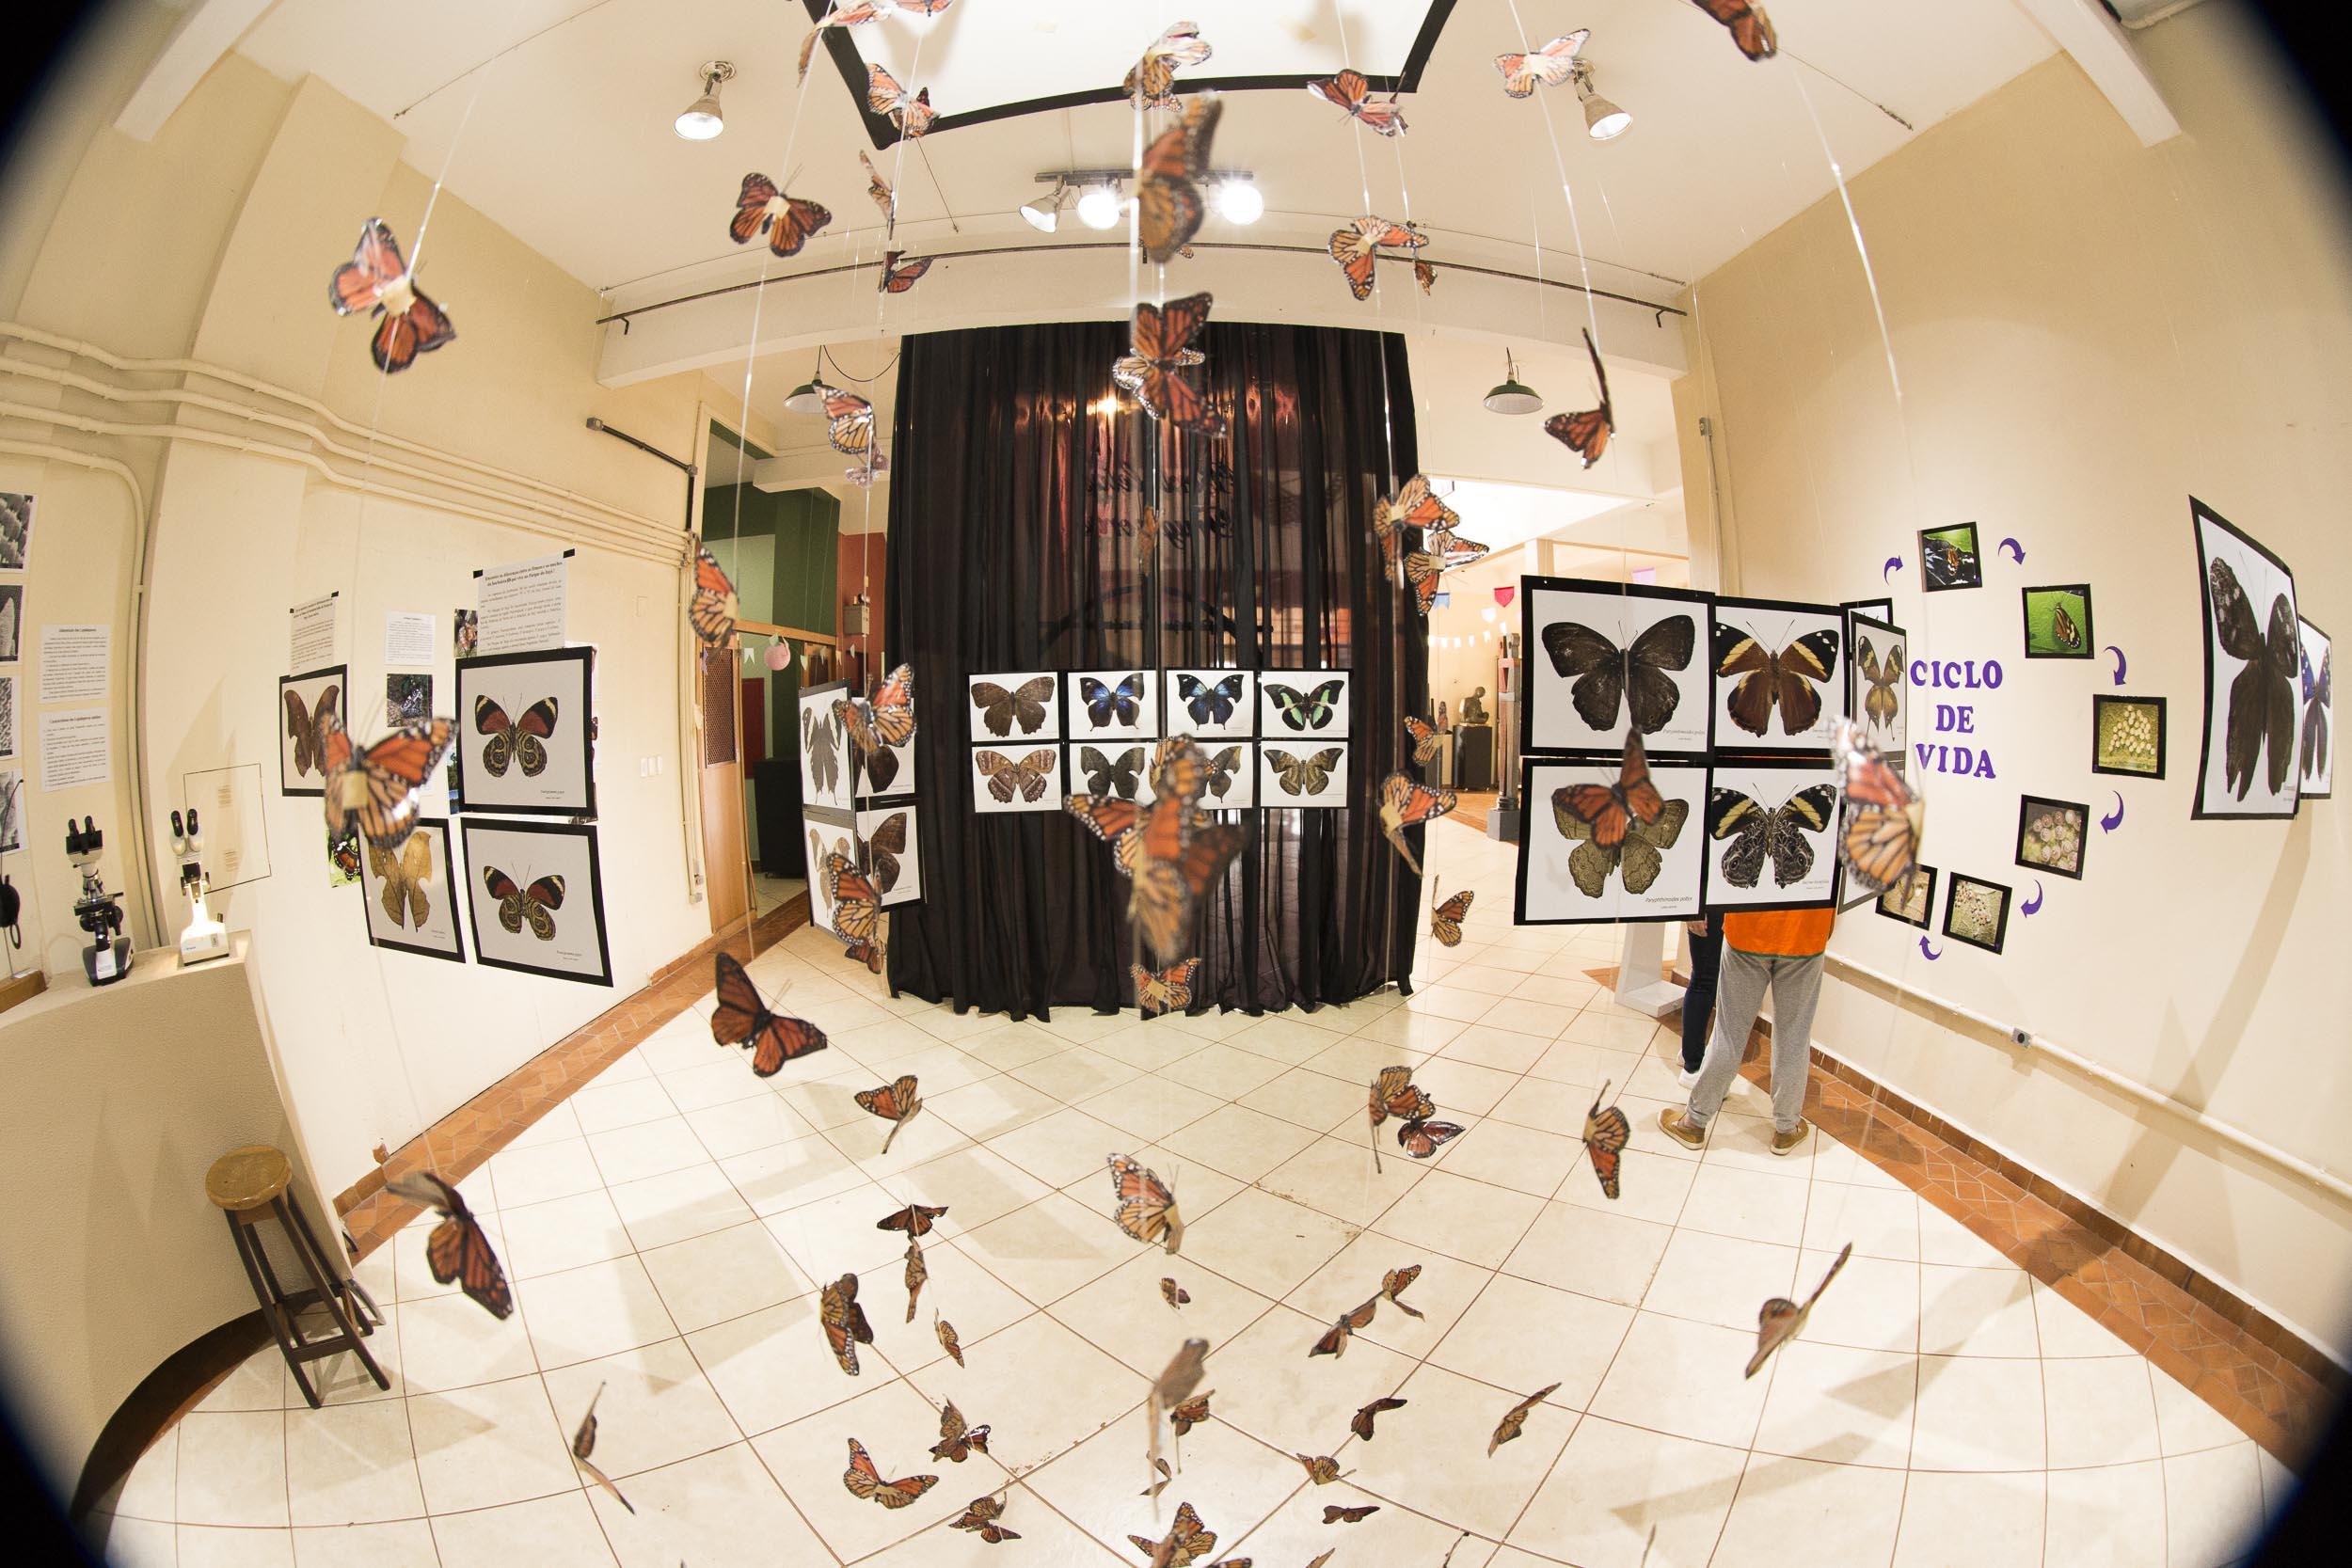 Museu abre mostra com fotos de borboletas do Parque do Ingá